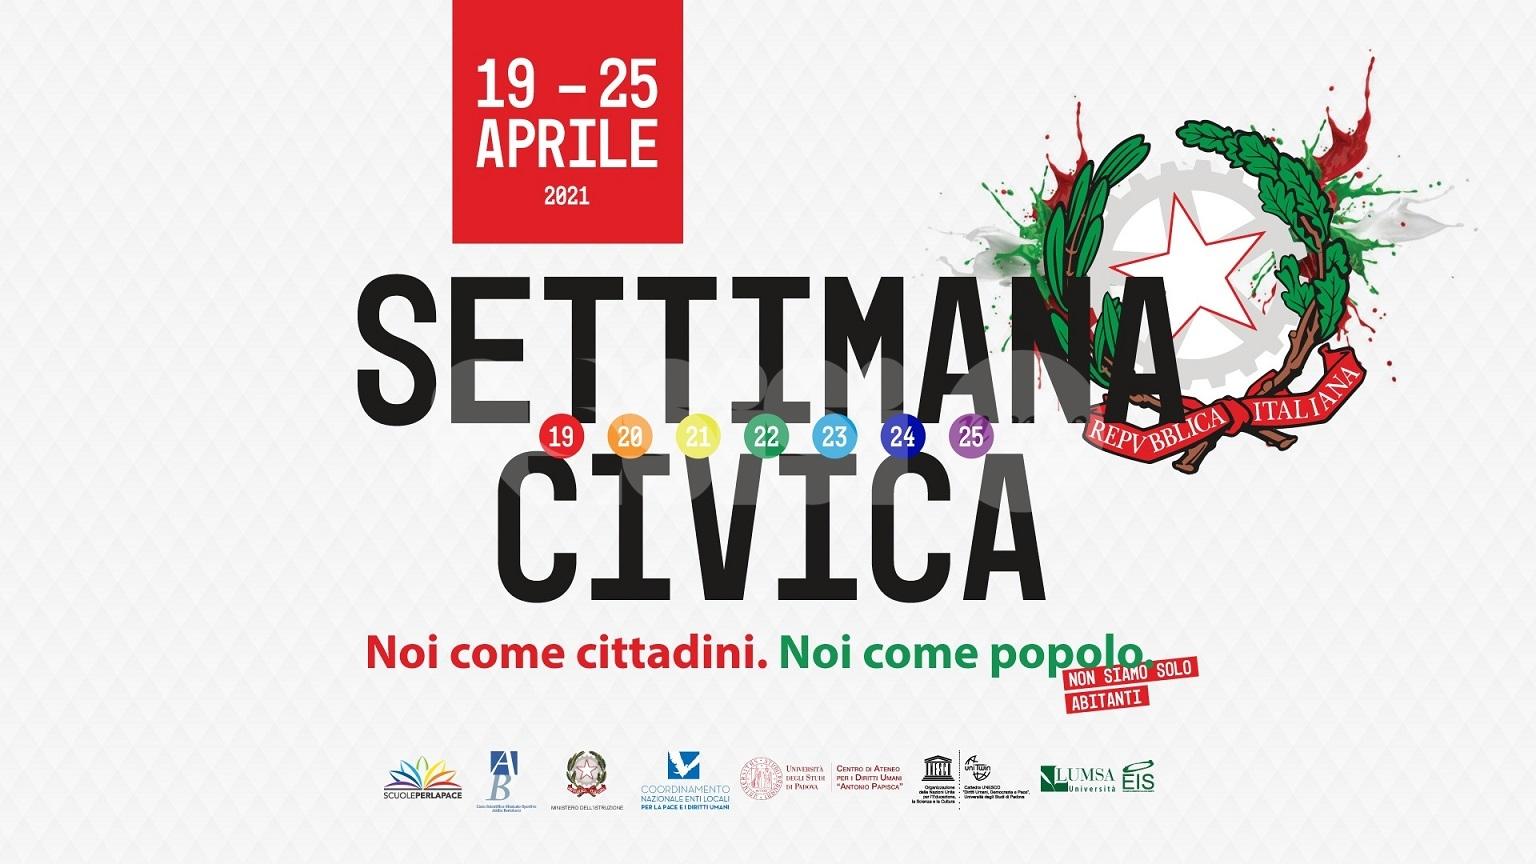 Settimana Civica, all'iniziativa per le scuole aderisce anche il Comune di Assisi